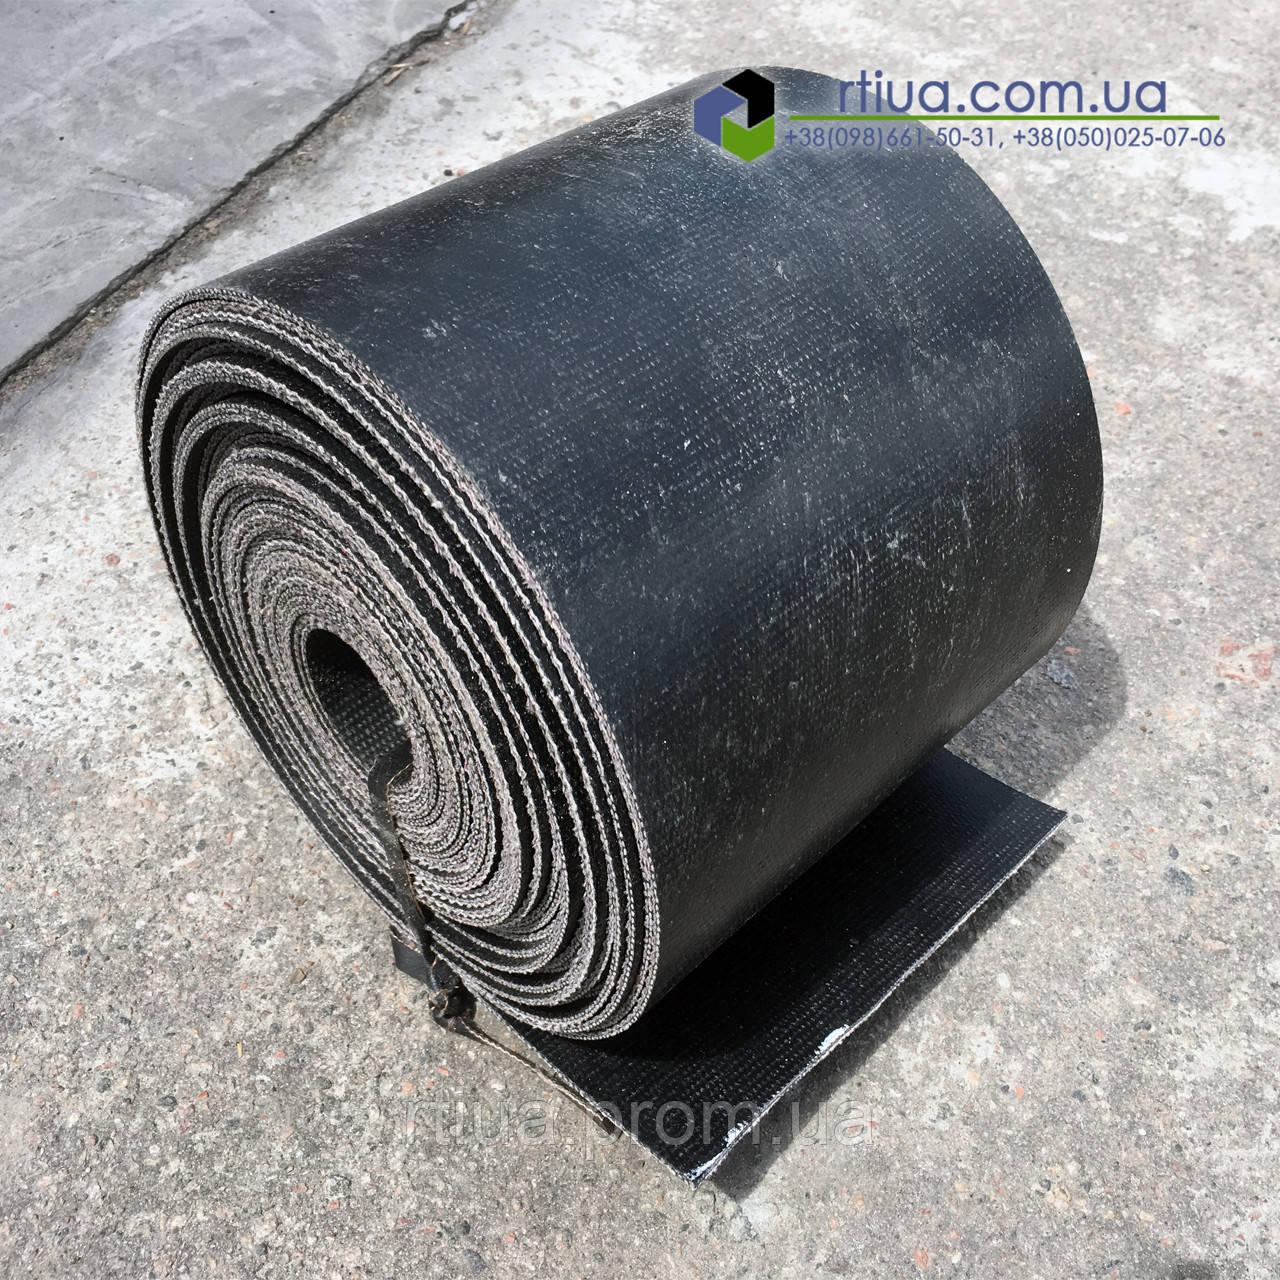 Транспортерная лента БКНЛ, 100х5 мм